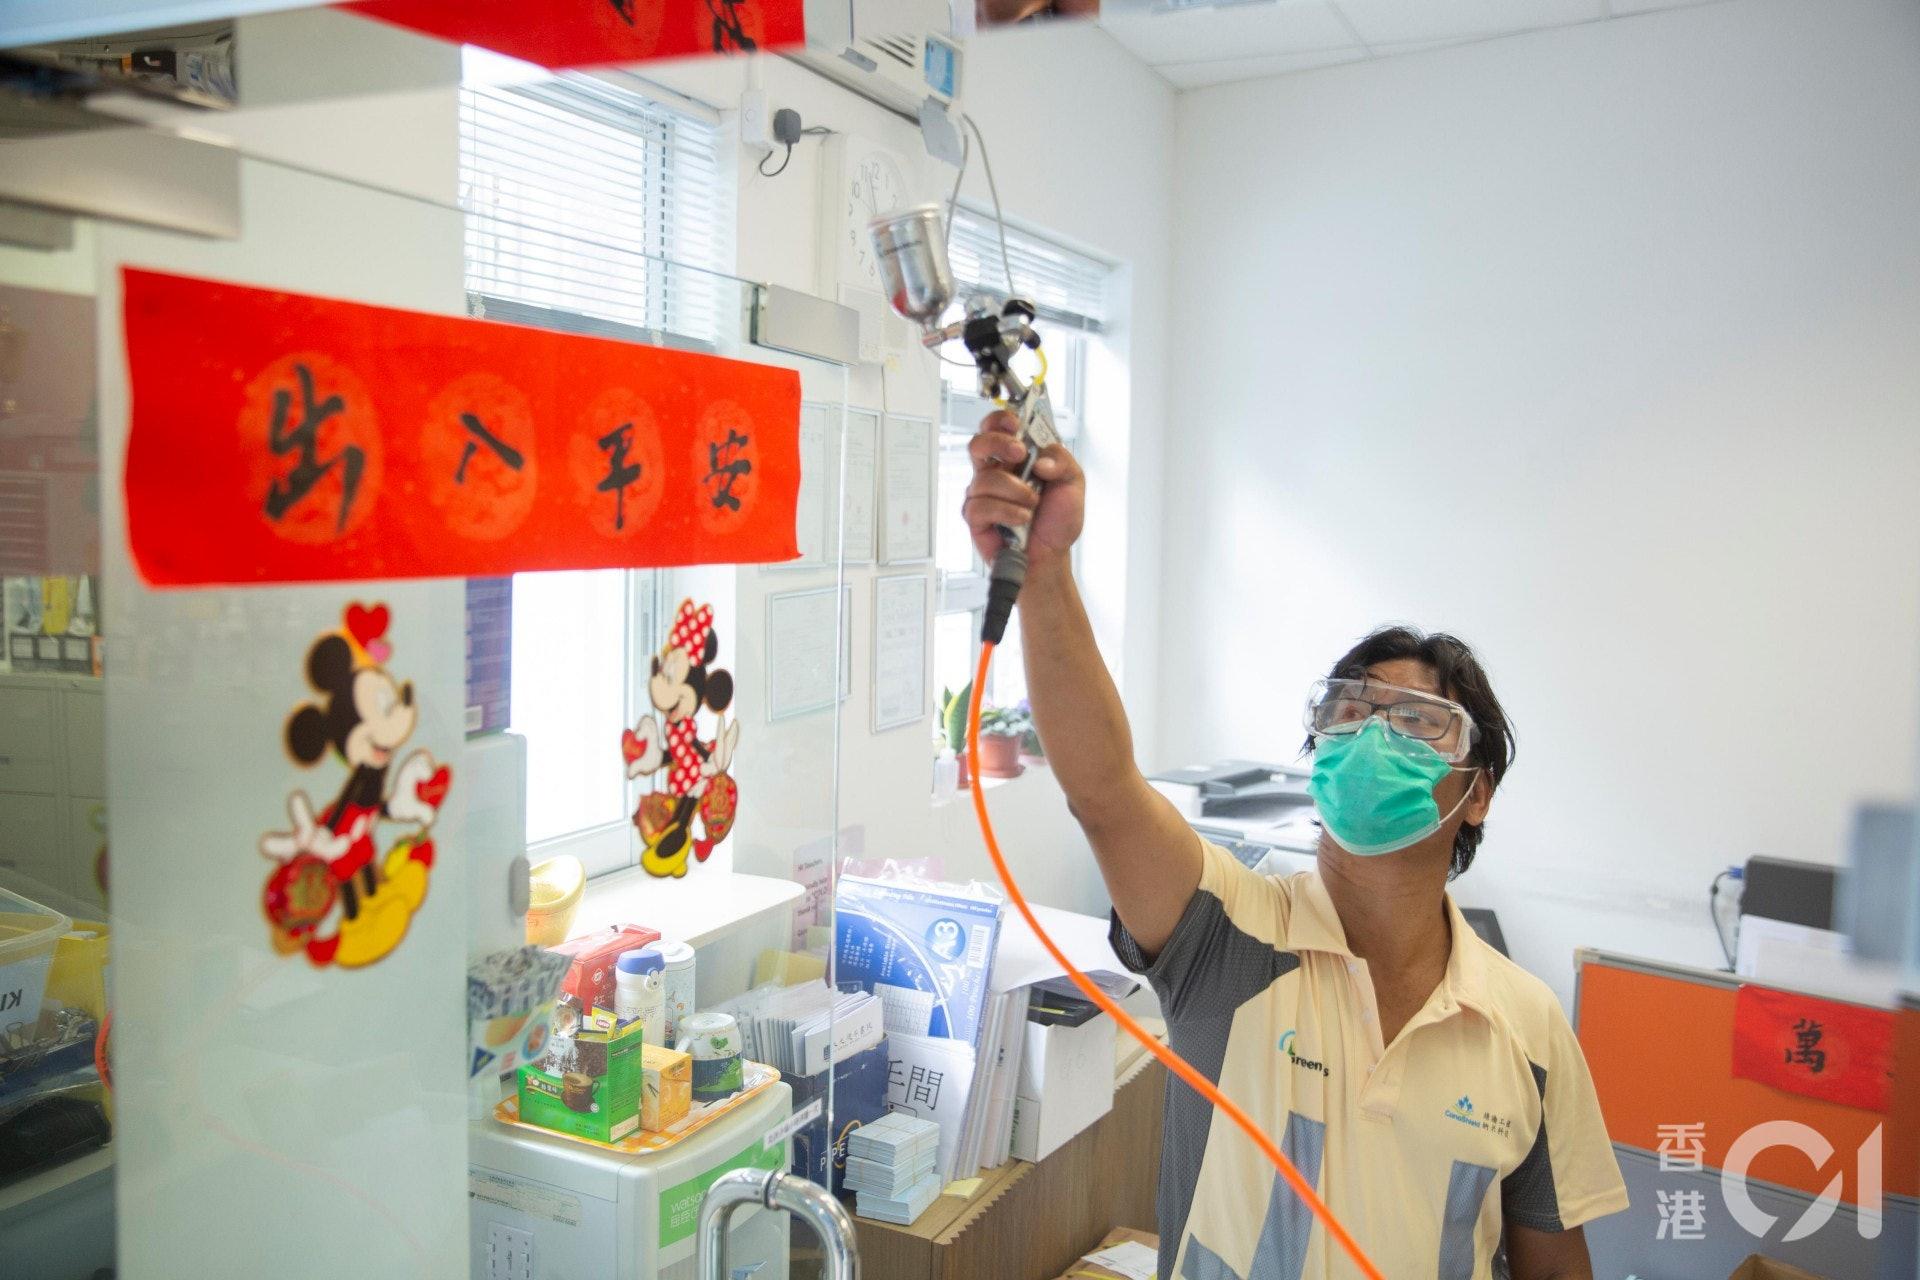 德萃小學邀請綠牆納米科技公司為辦公室、樓梯及部分班房噴上「納米光電觸媒」塗層消毒及抗菌。(龔嘉盛攝)